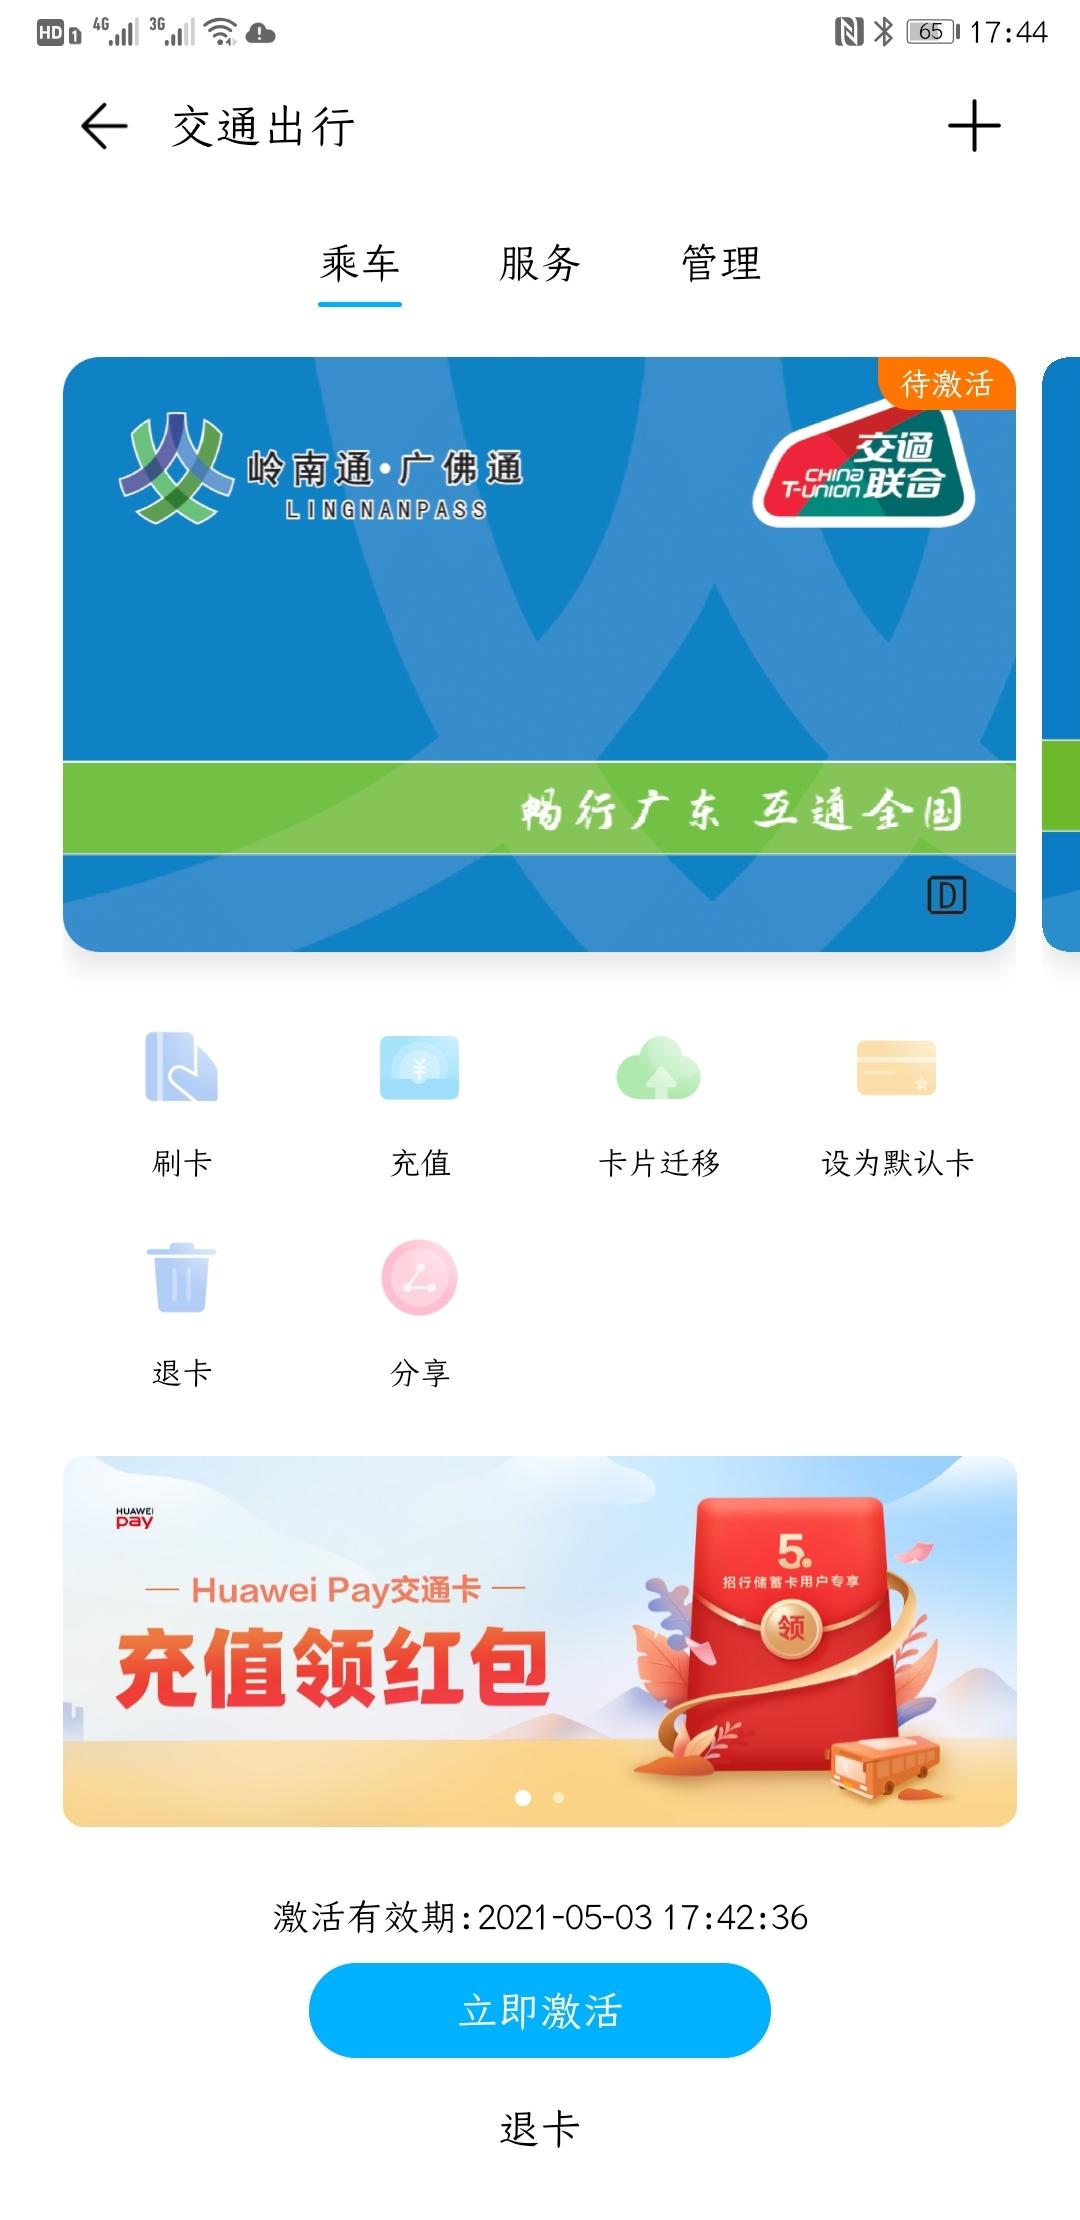 Screenshot_20210430_174442_com.huawei.wallet.jpg